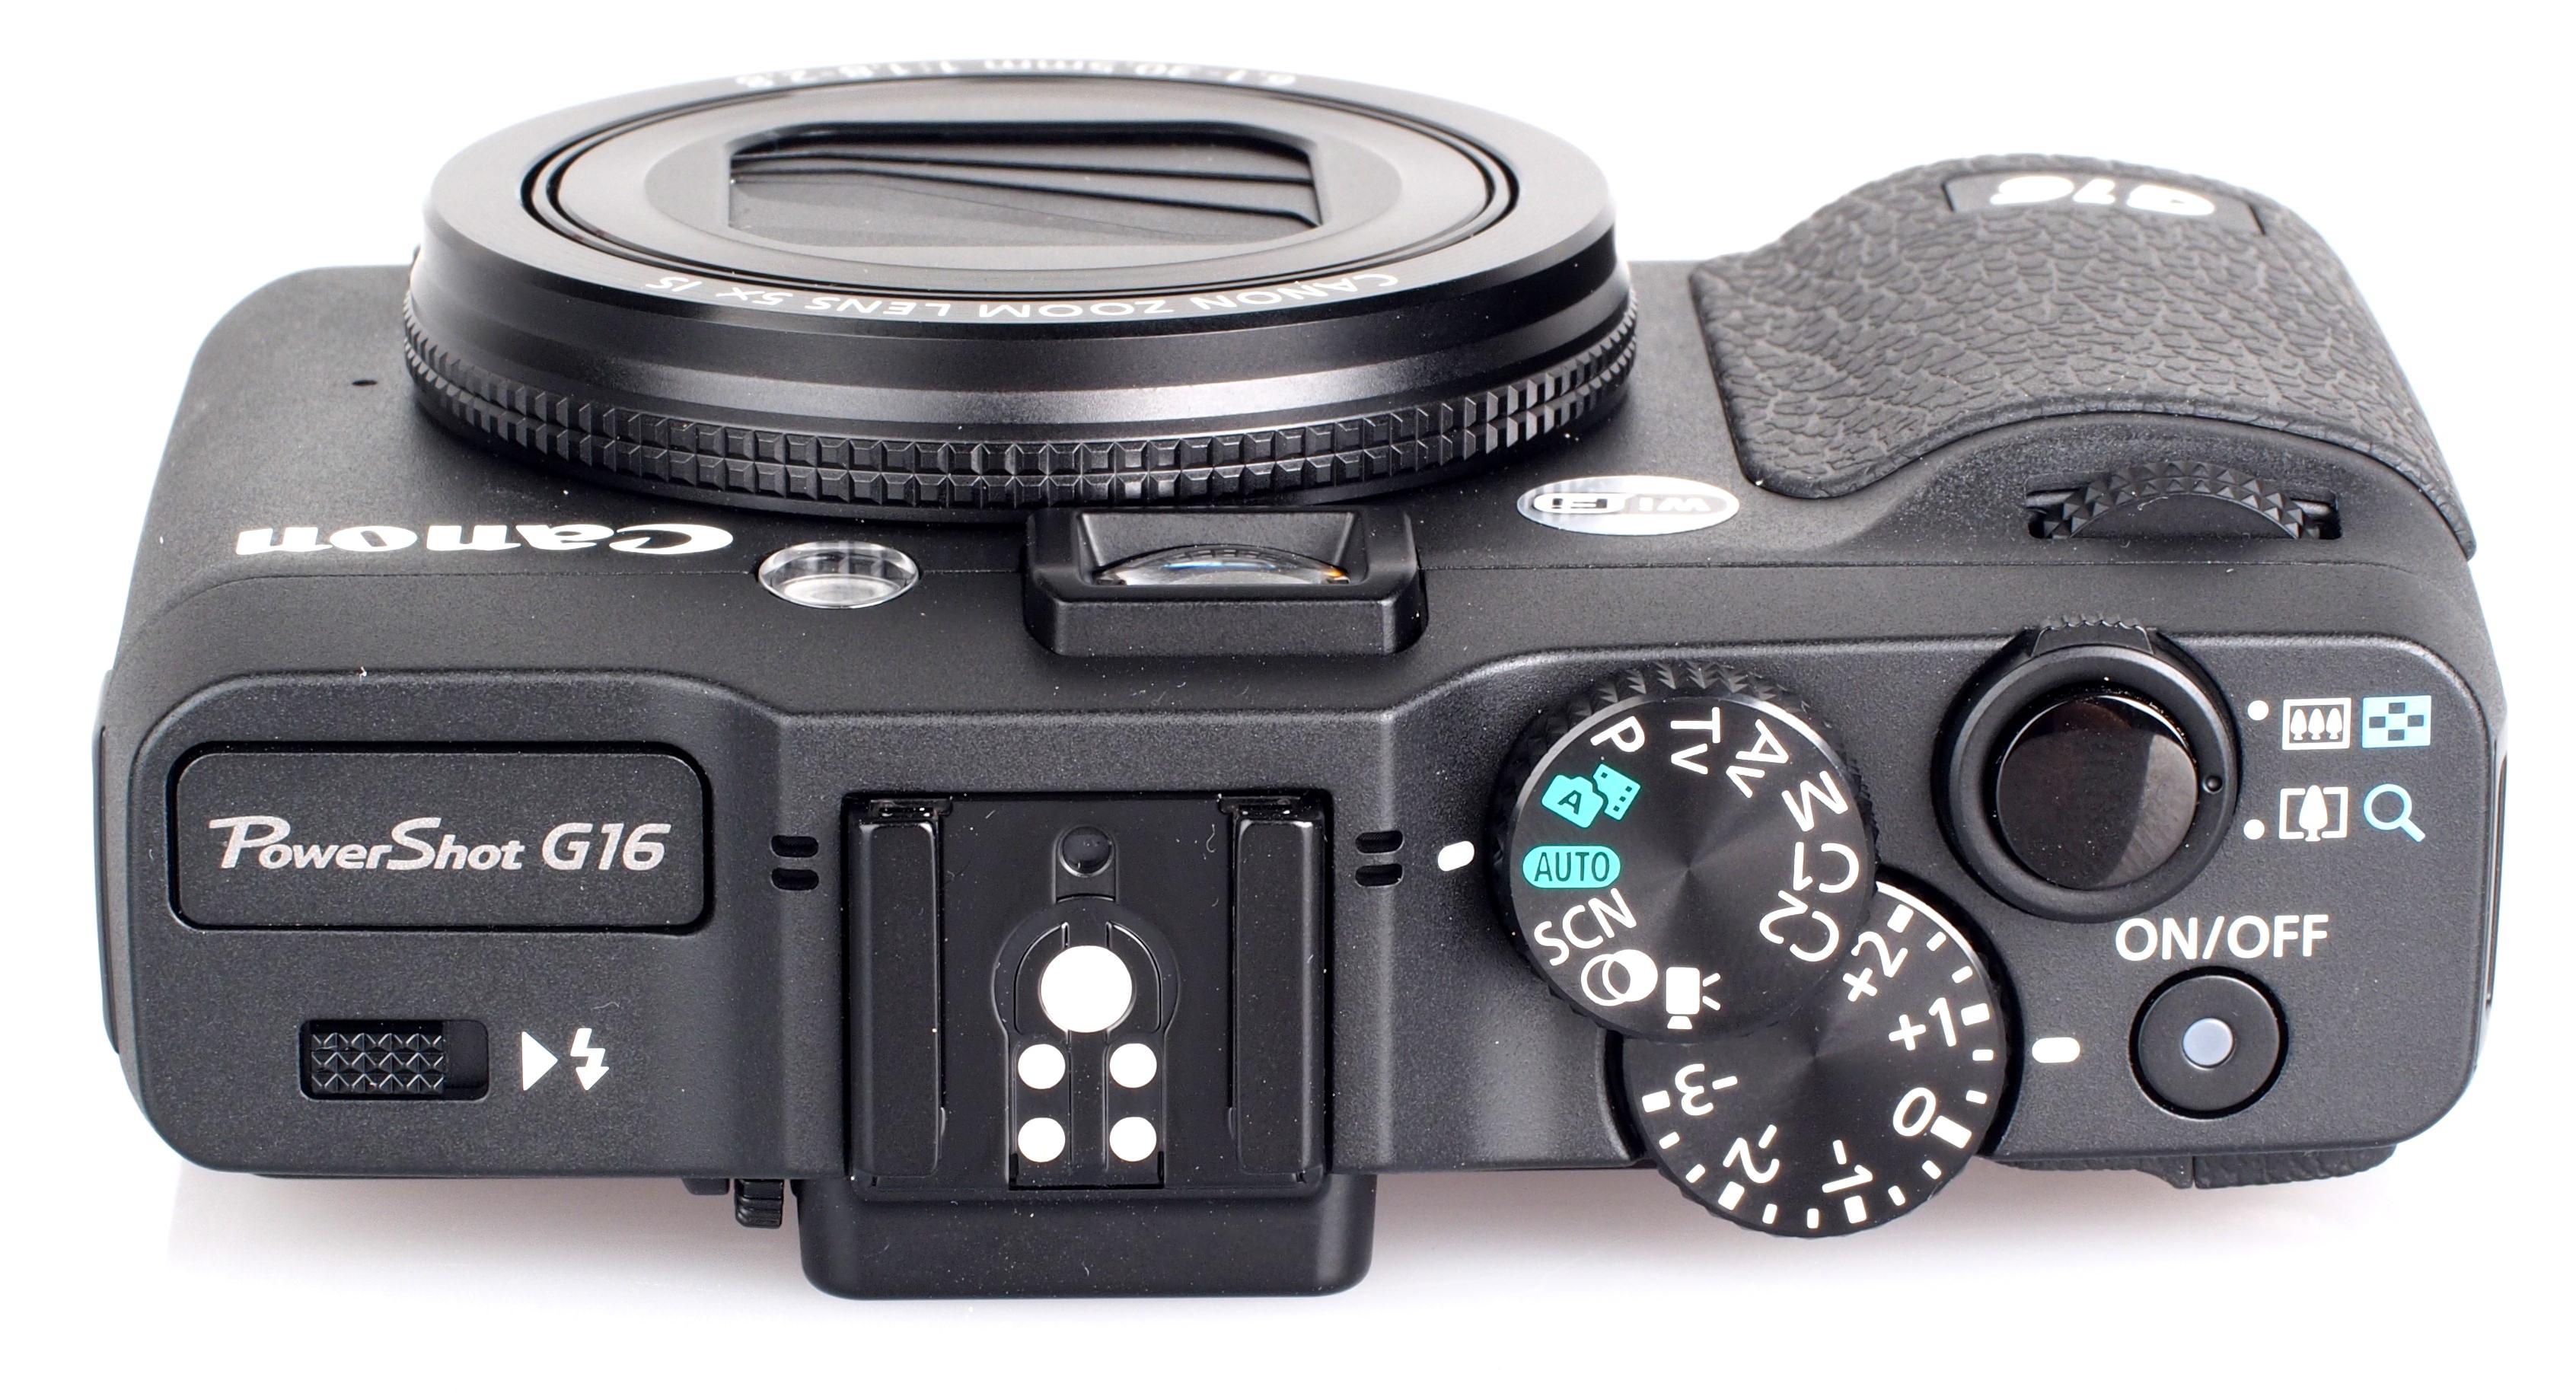 Canon powershot g16 handling